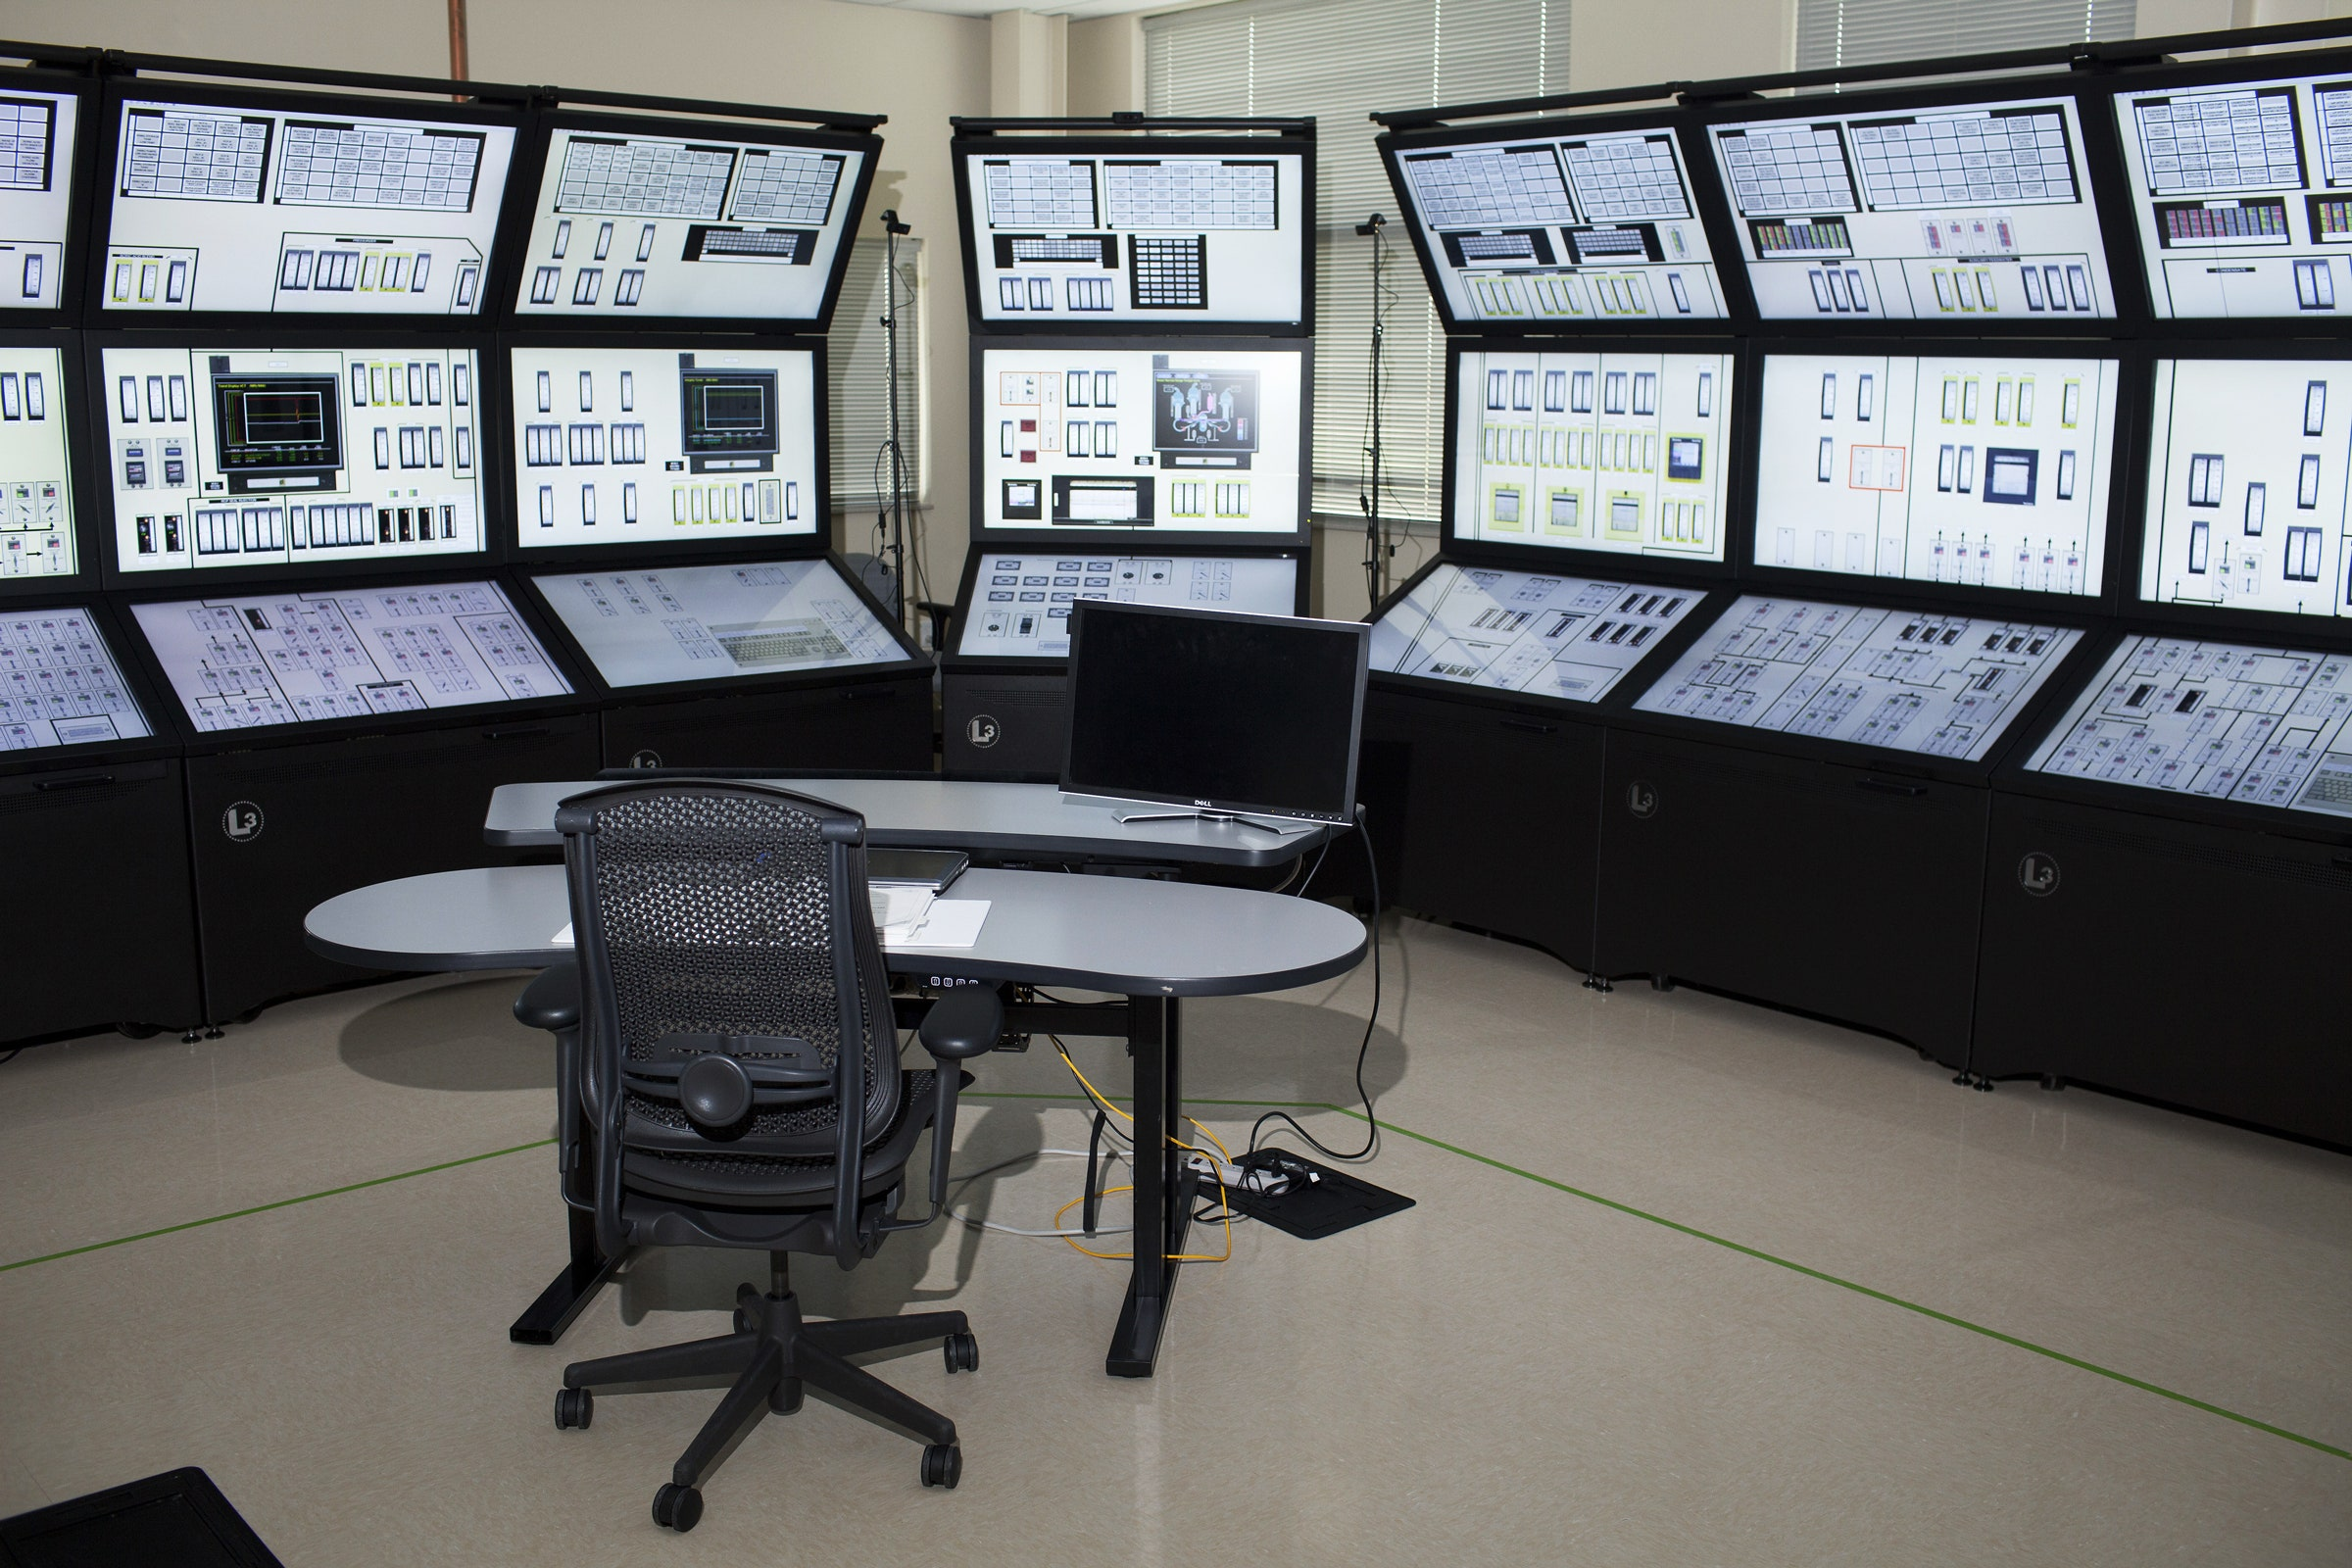 Комната управления в здании национальных лабораторий Айдахо